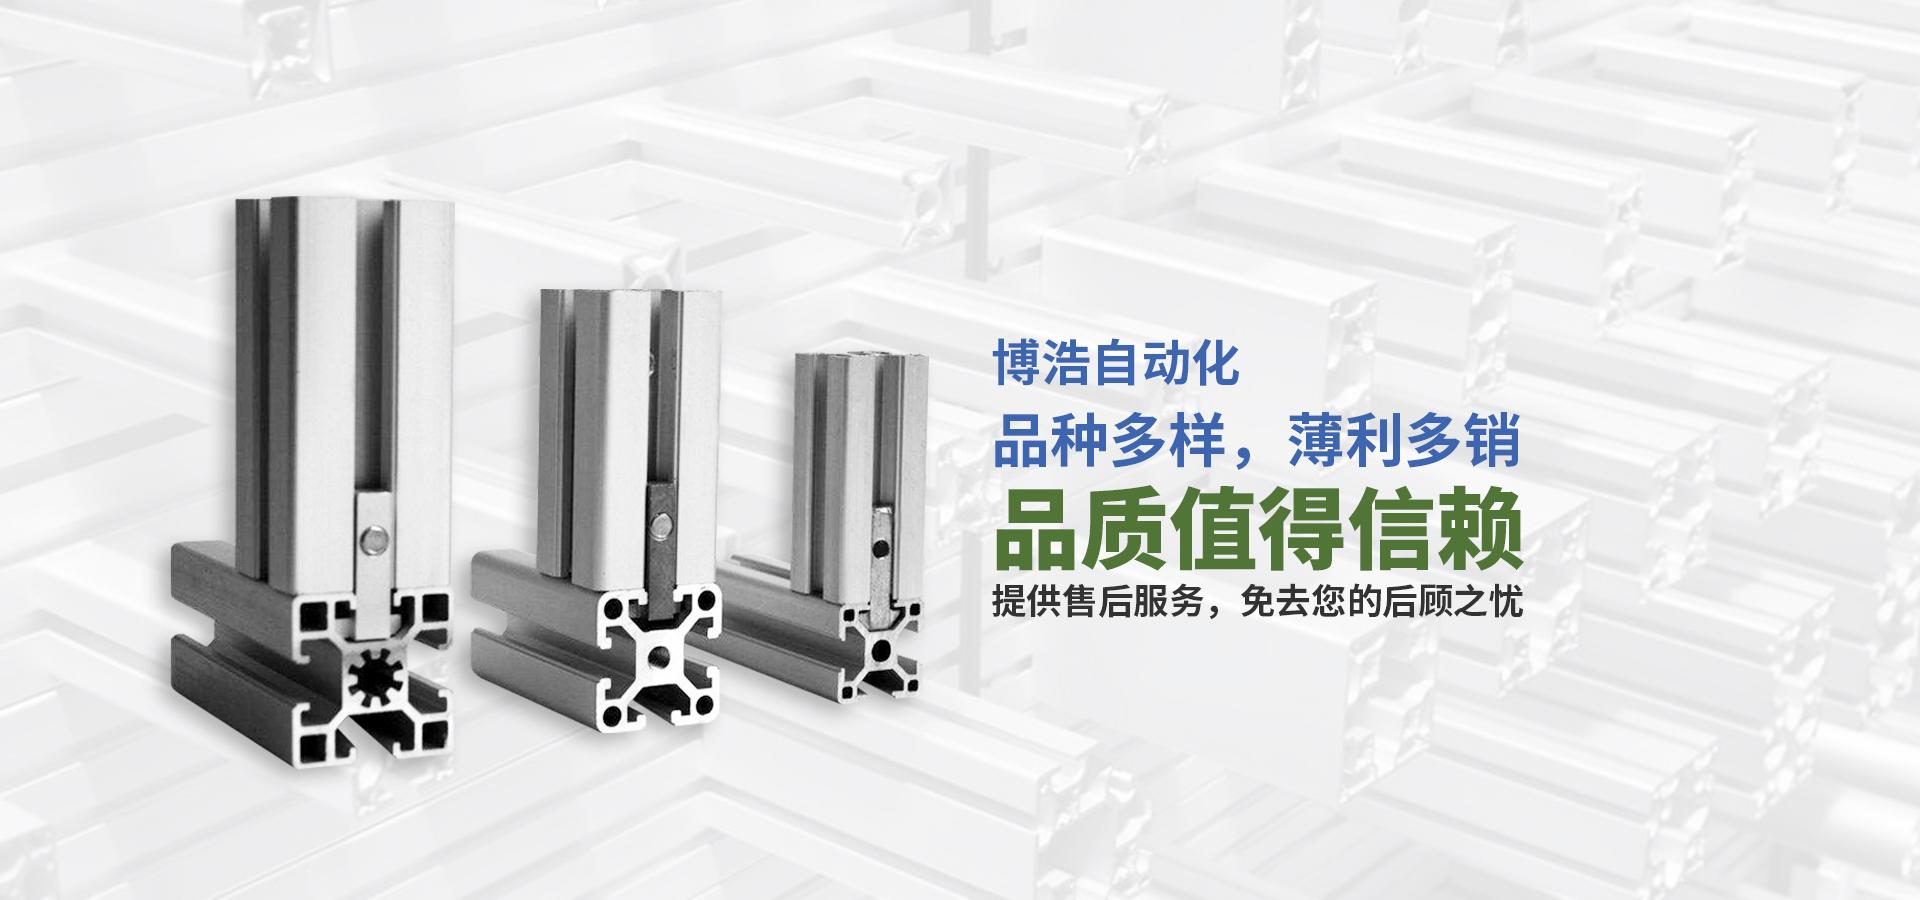 工业铝型材,工业铝型材配件,工业铝型材厂家